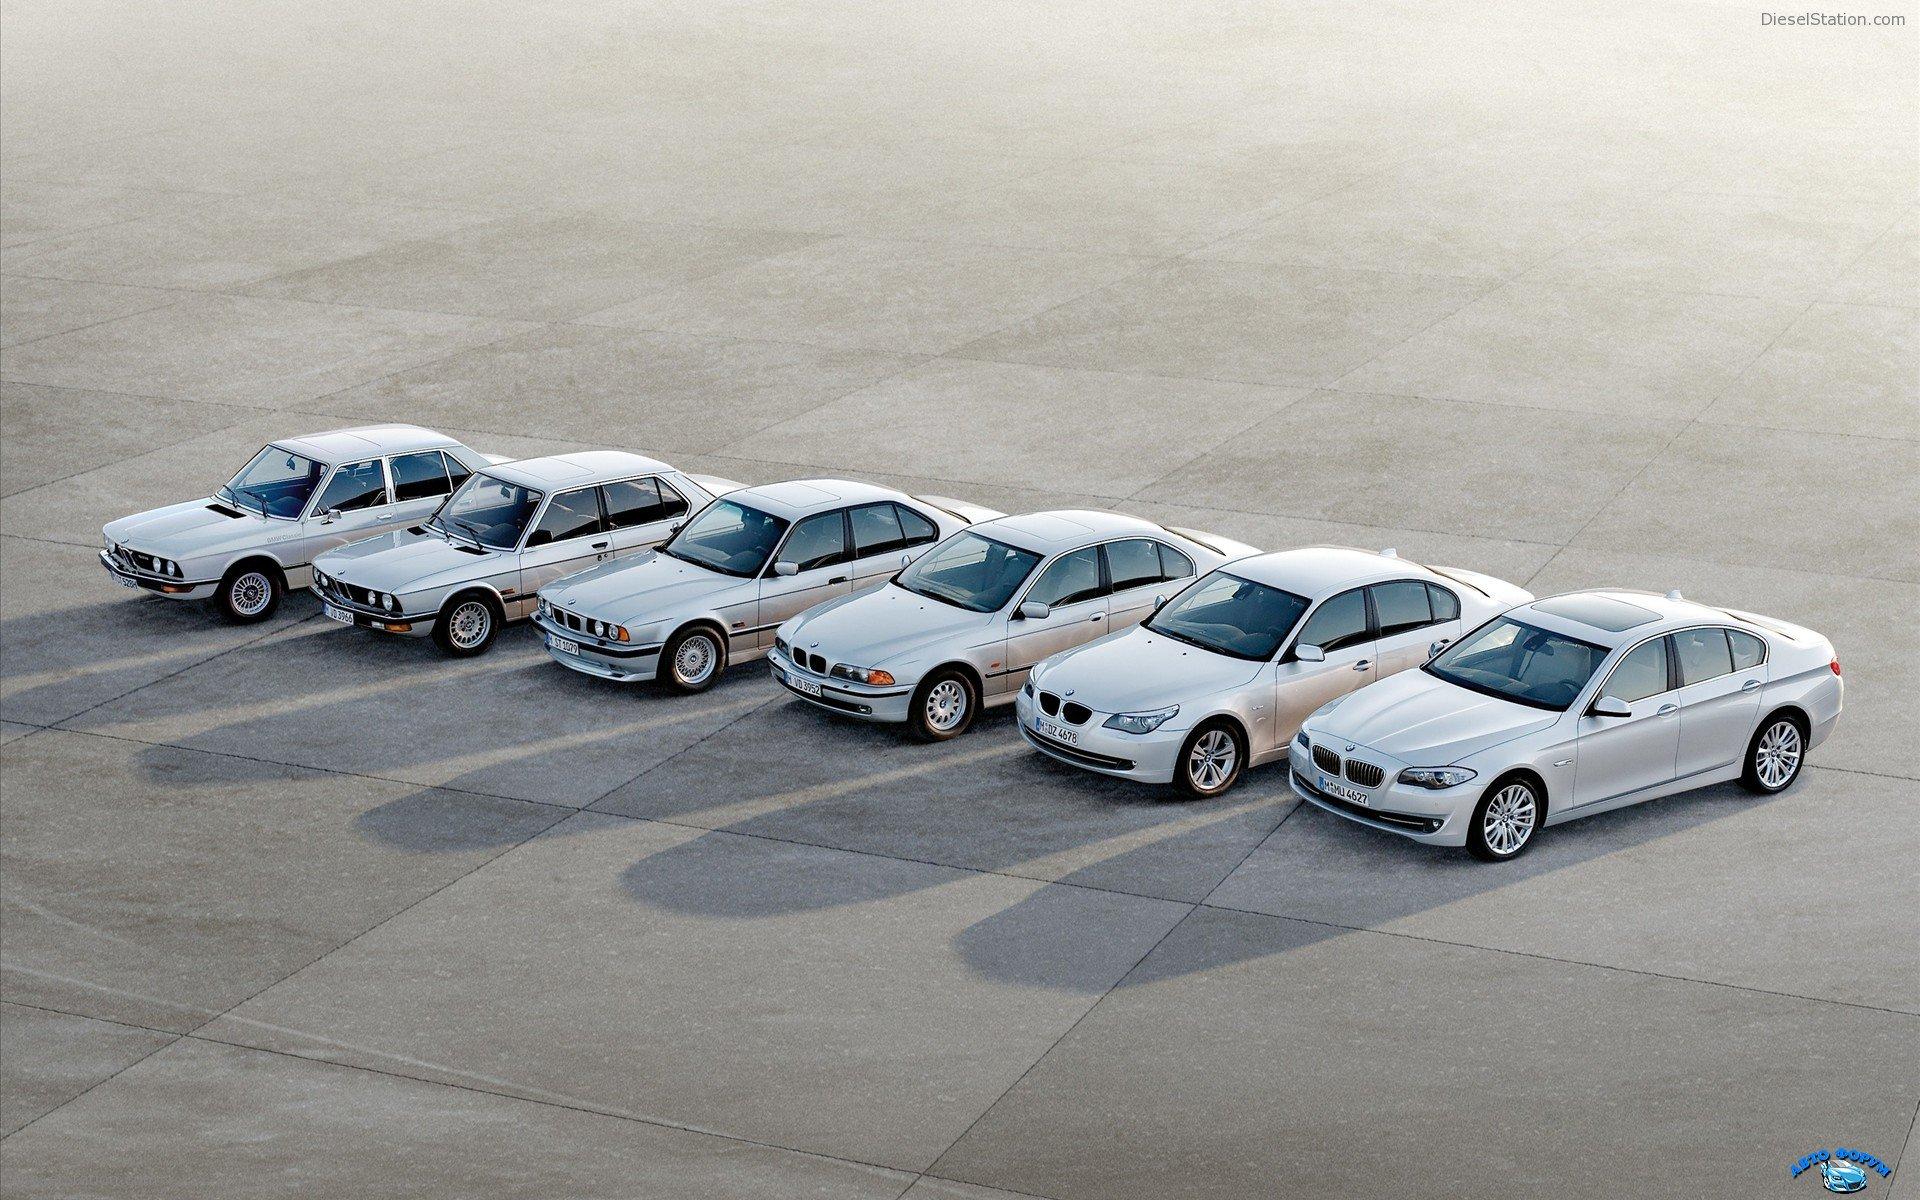 2011-BMW-5-Series-widescreen-06.jpg